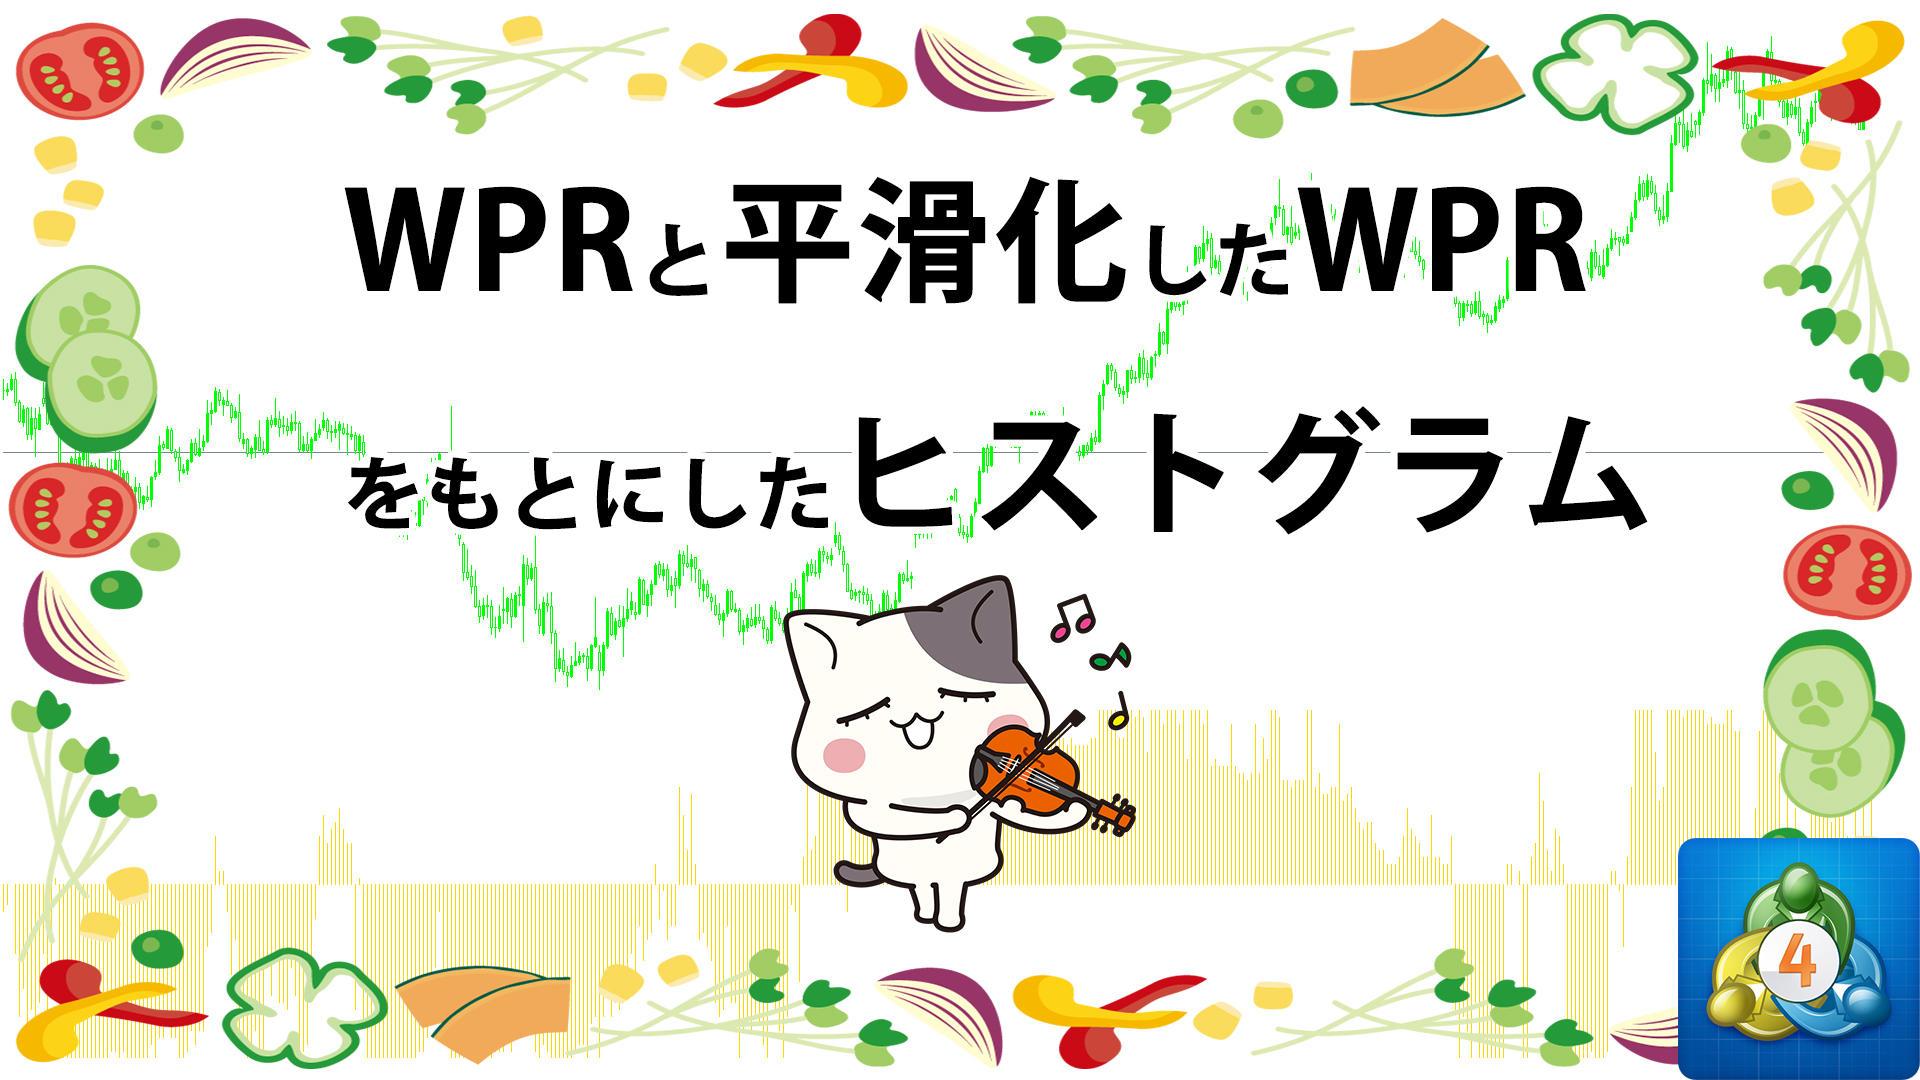 WPRと平滑化したWPRをもとにしたヒストグラムでトレンドを表示するMT4インジケーター「VininI_Trend_MA_WPR」